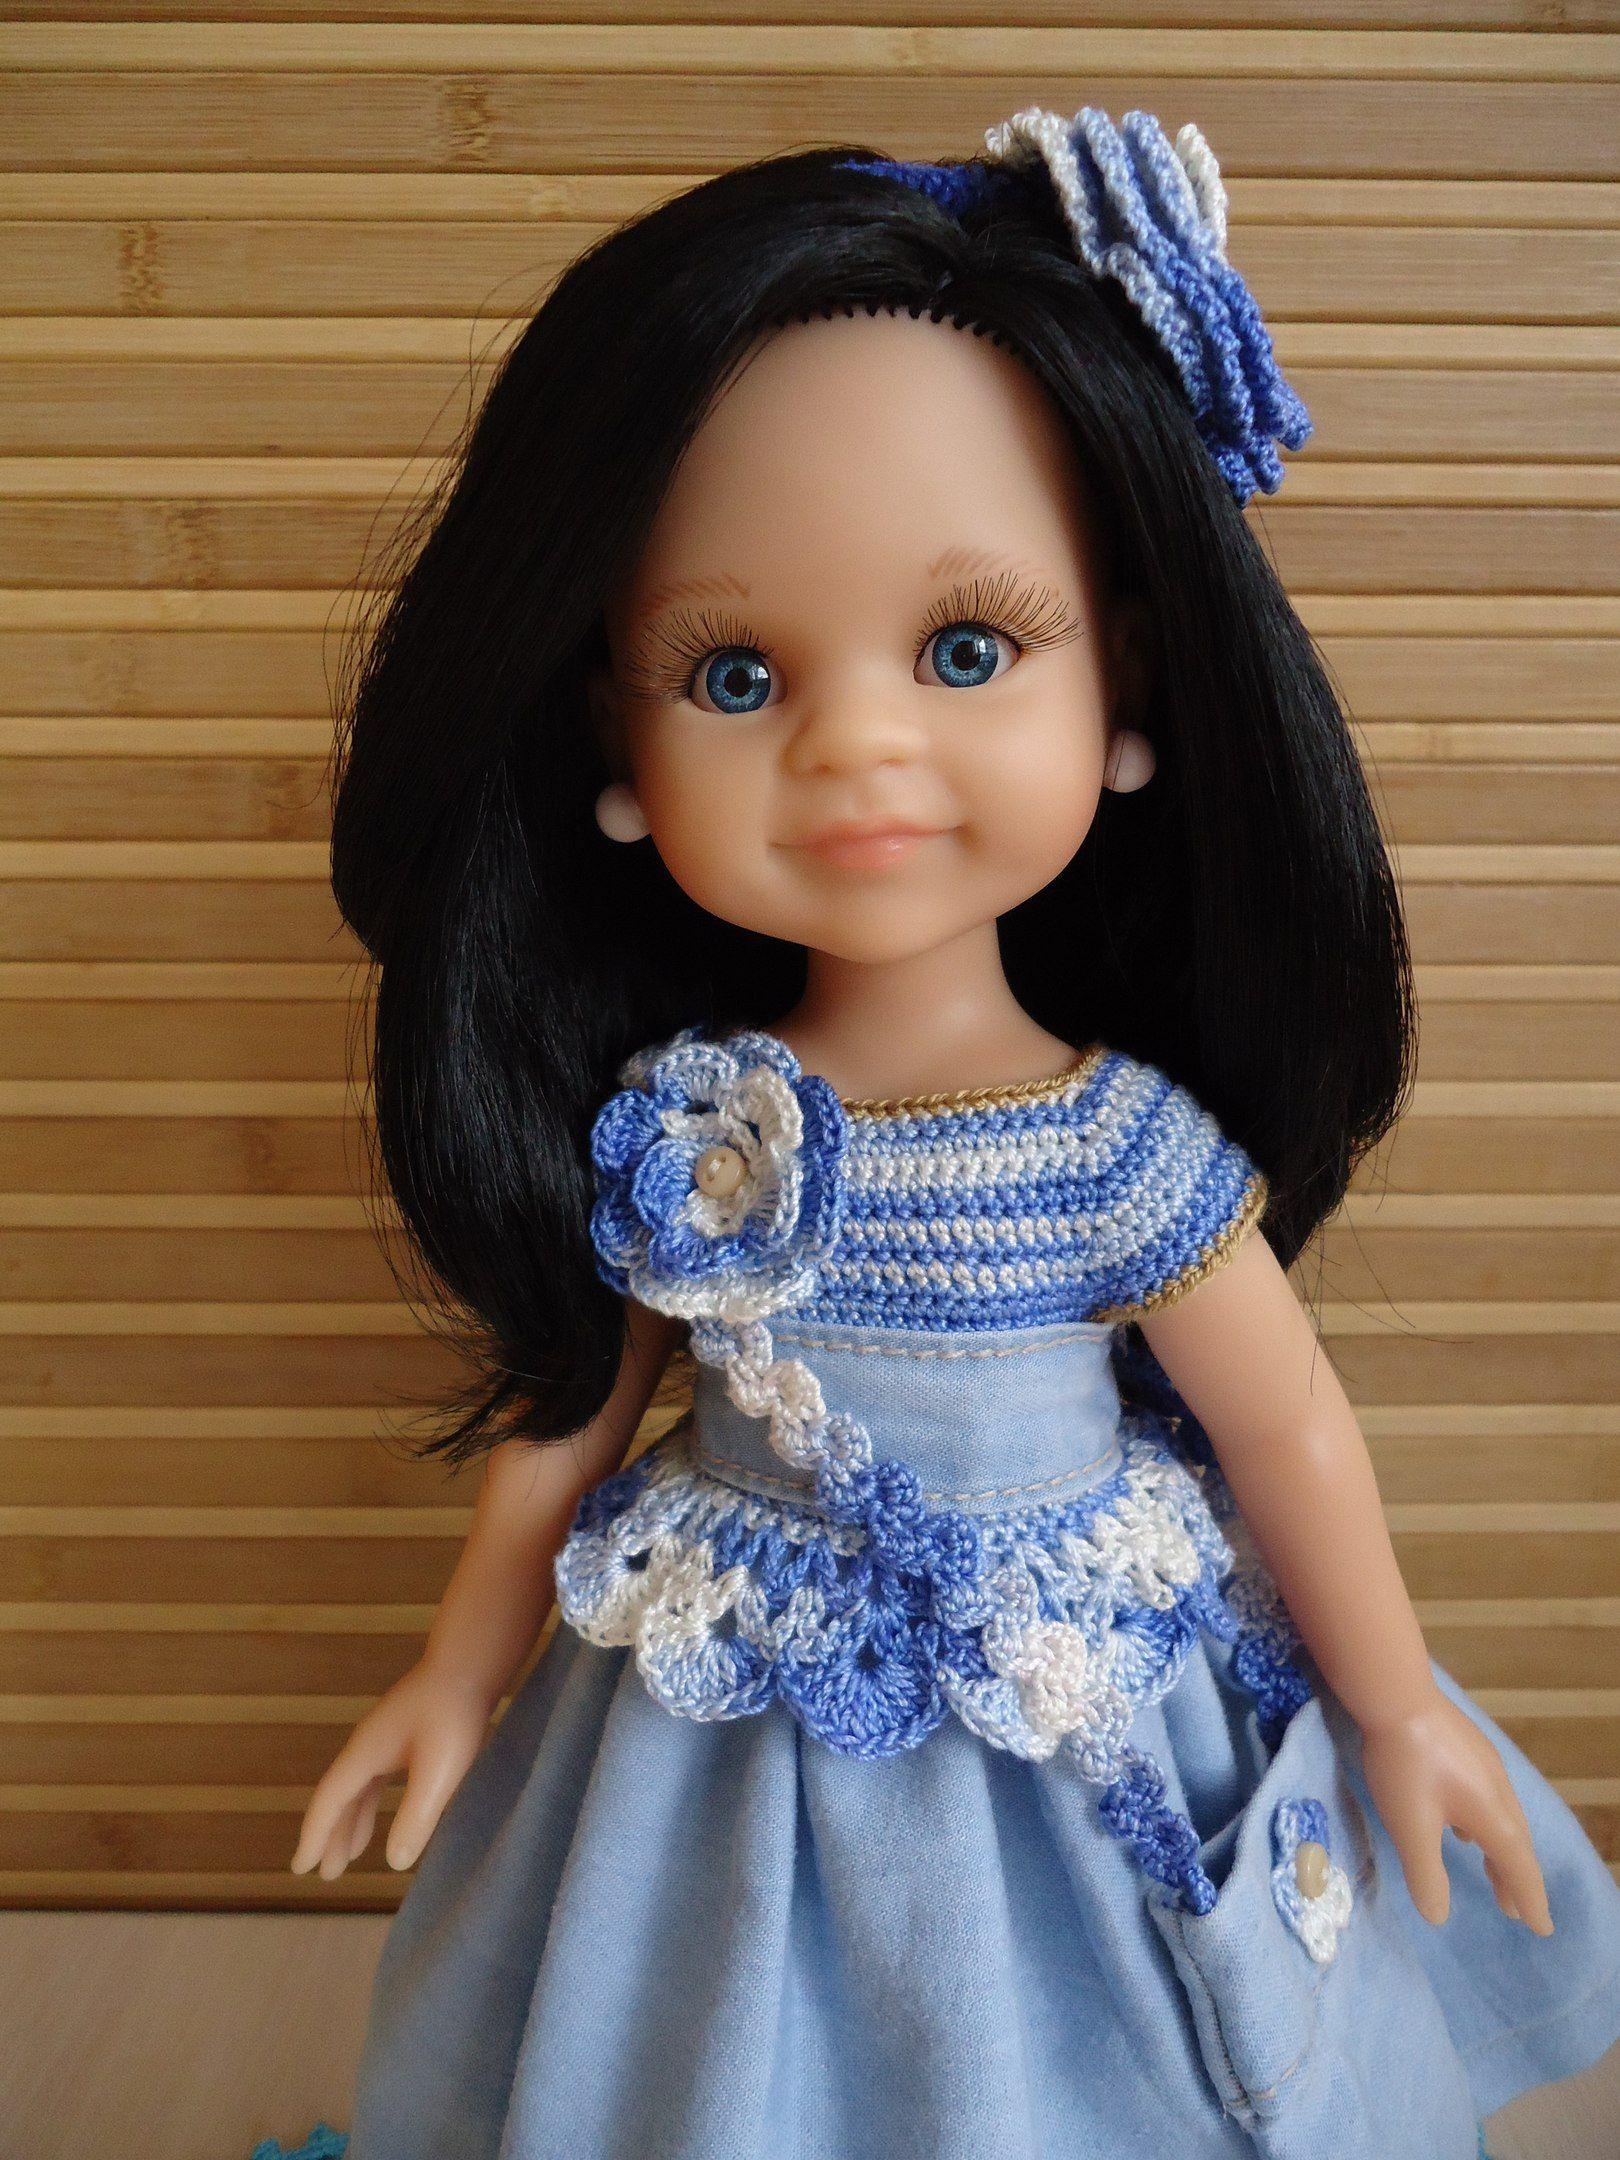 Испанские куклы Paola Reina   Одежда, Одежда для кукол, Наряды